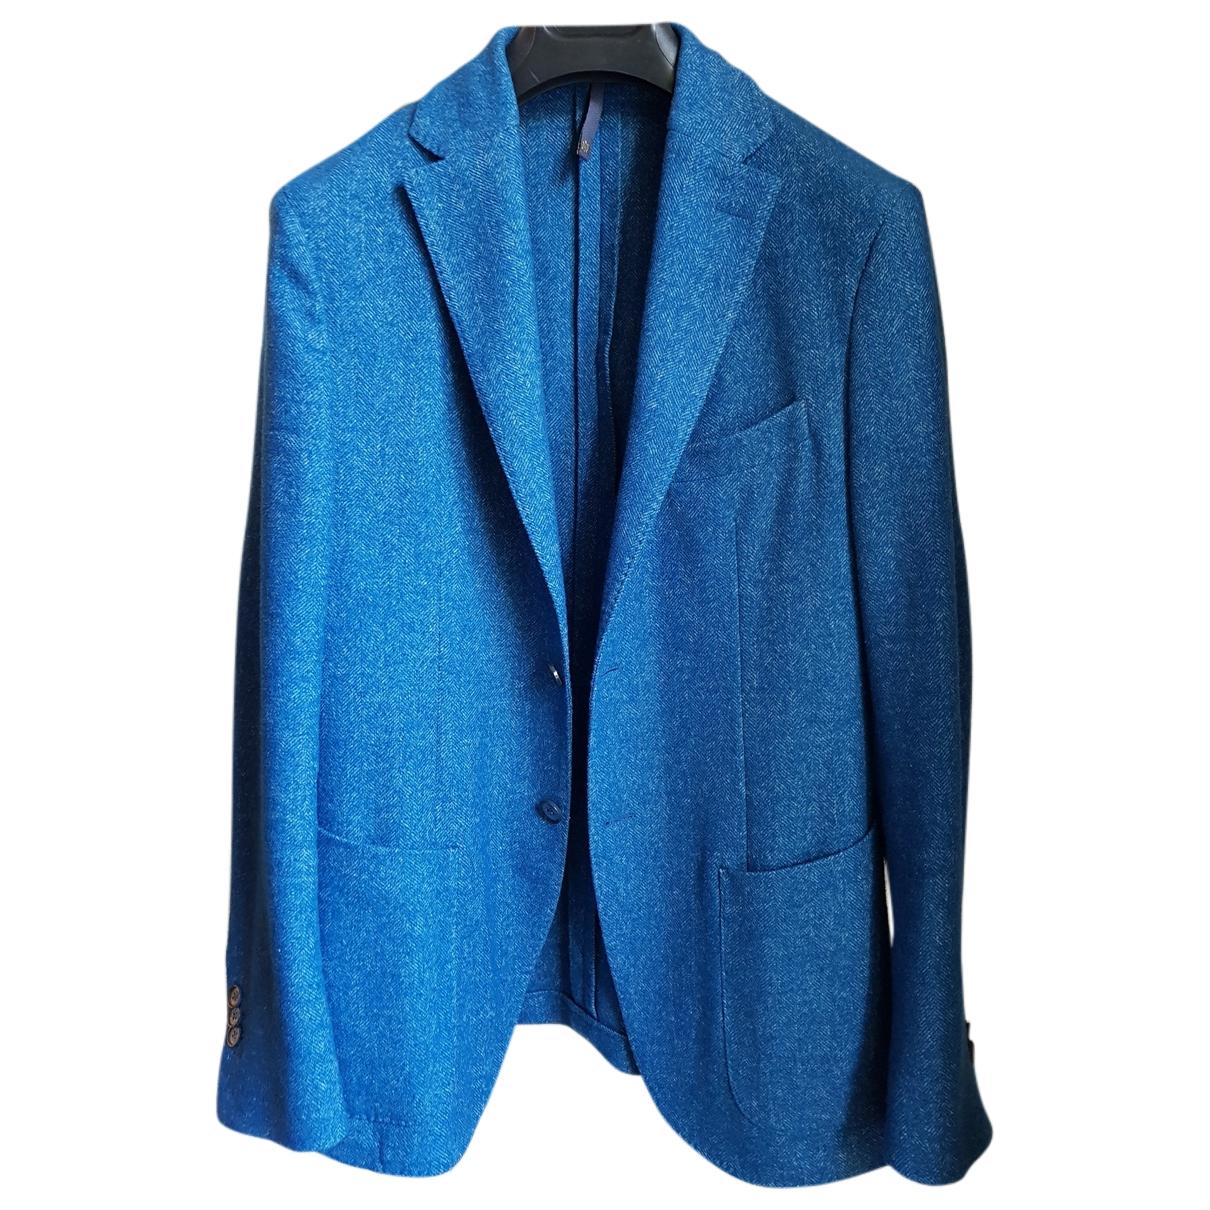 Slowear \N Jacke in  Blau Wolle